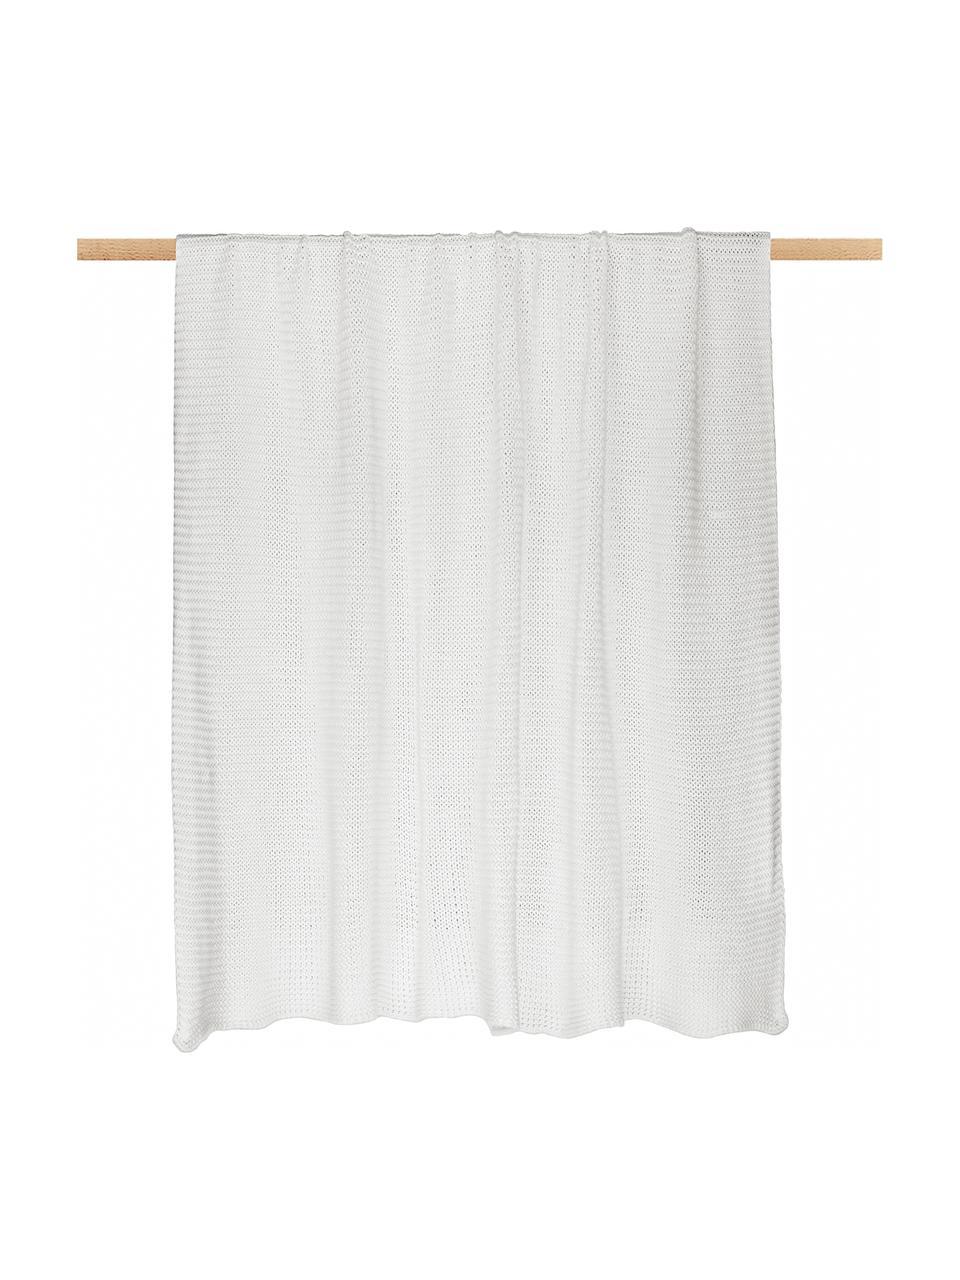 Coperta a maglia in cotone biologico bianco Adalyn, 100% cotone biologico, certificato GOTS, Bianco naturale, Larg. 150 x Lung. 200 cm